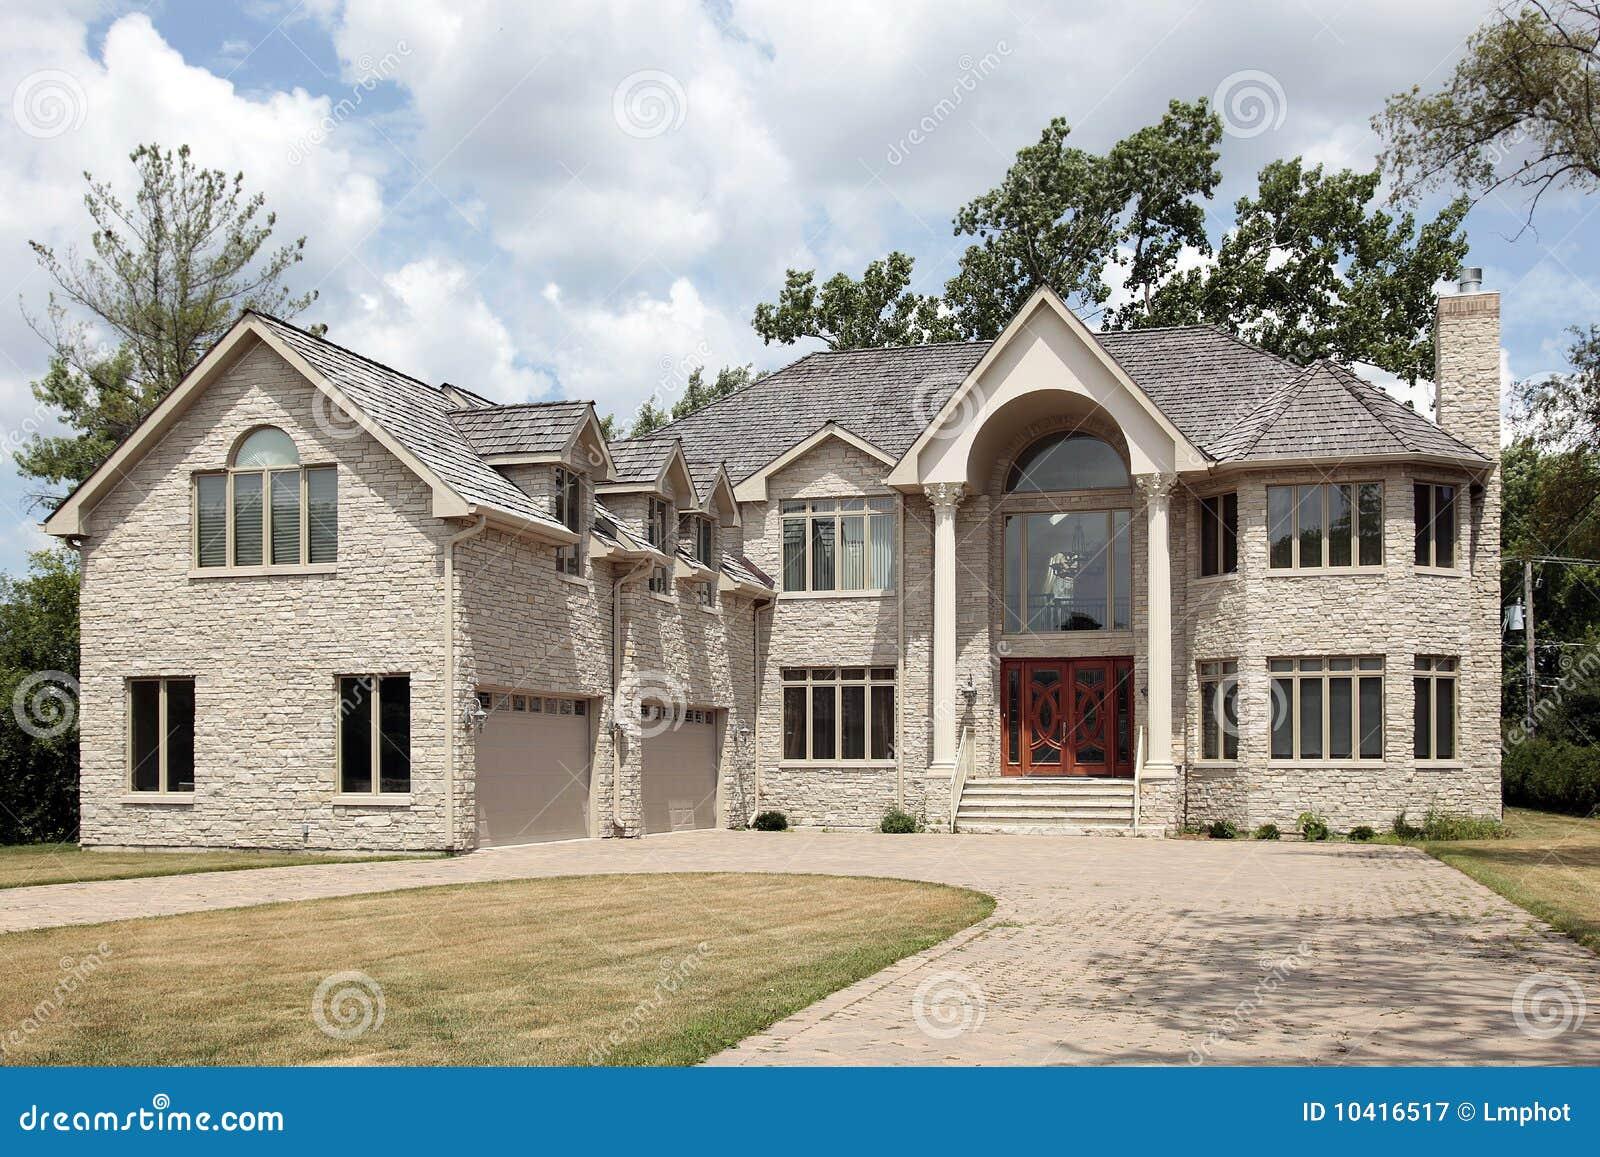 Maison en pierre de luxe avec des colums image stock - Maison en pierre giordano hadamik architects ...